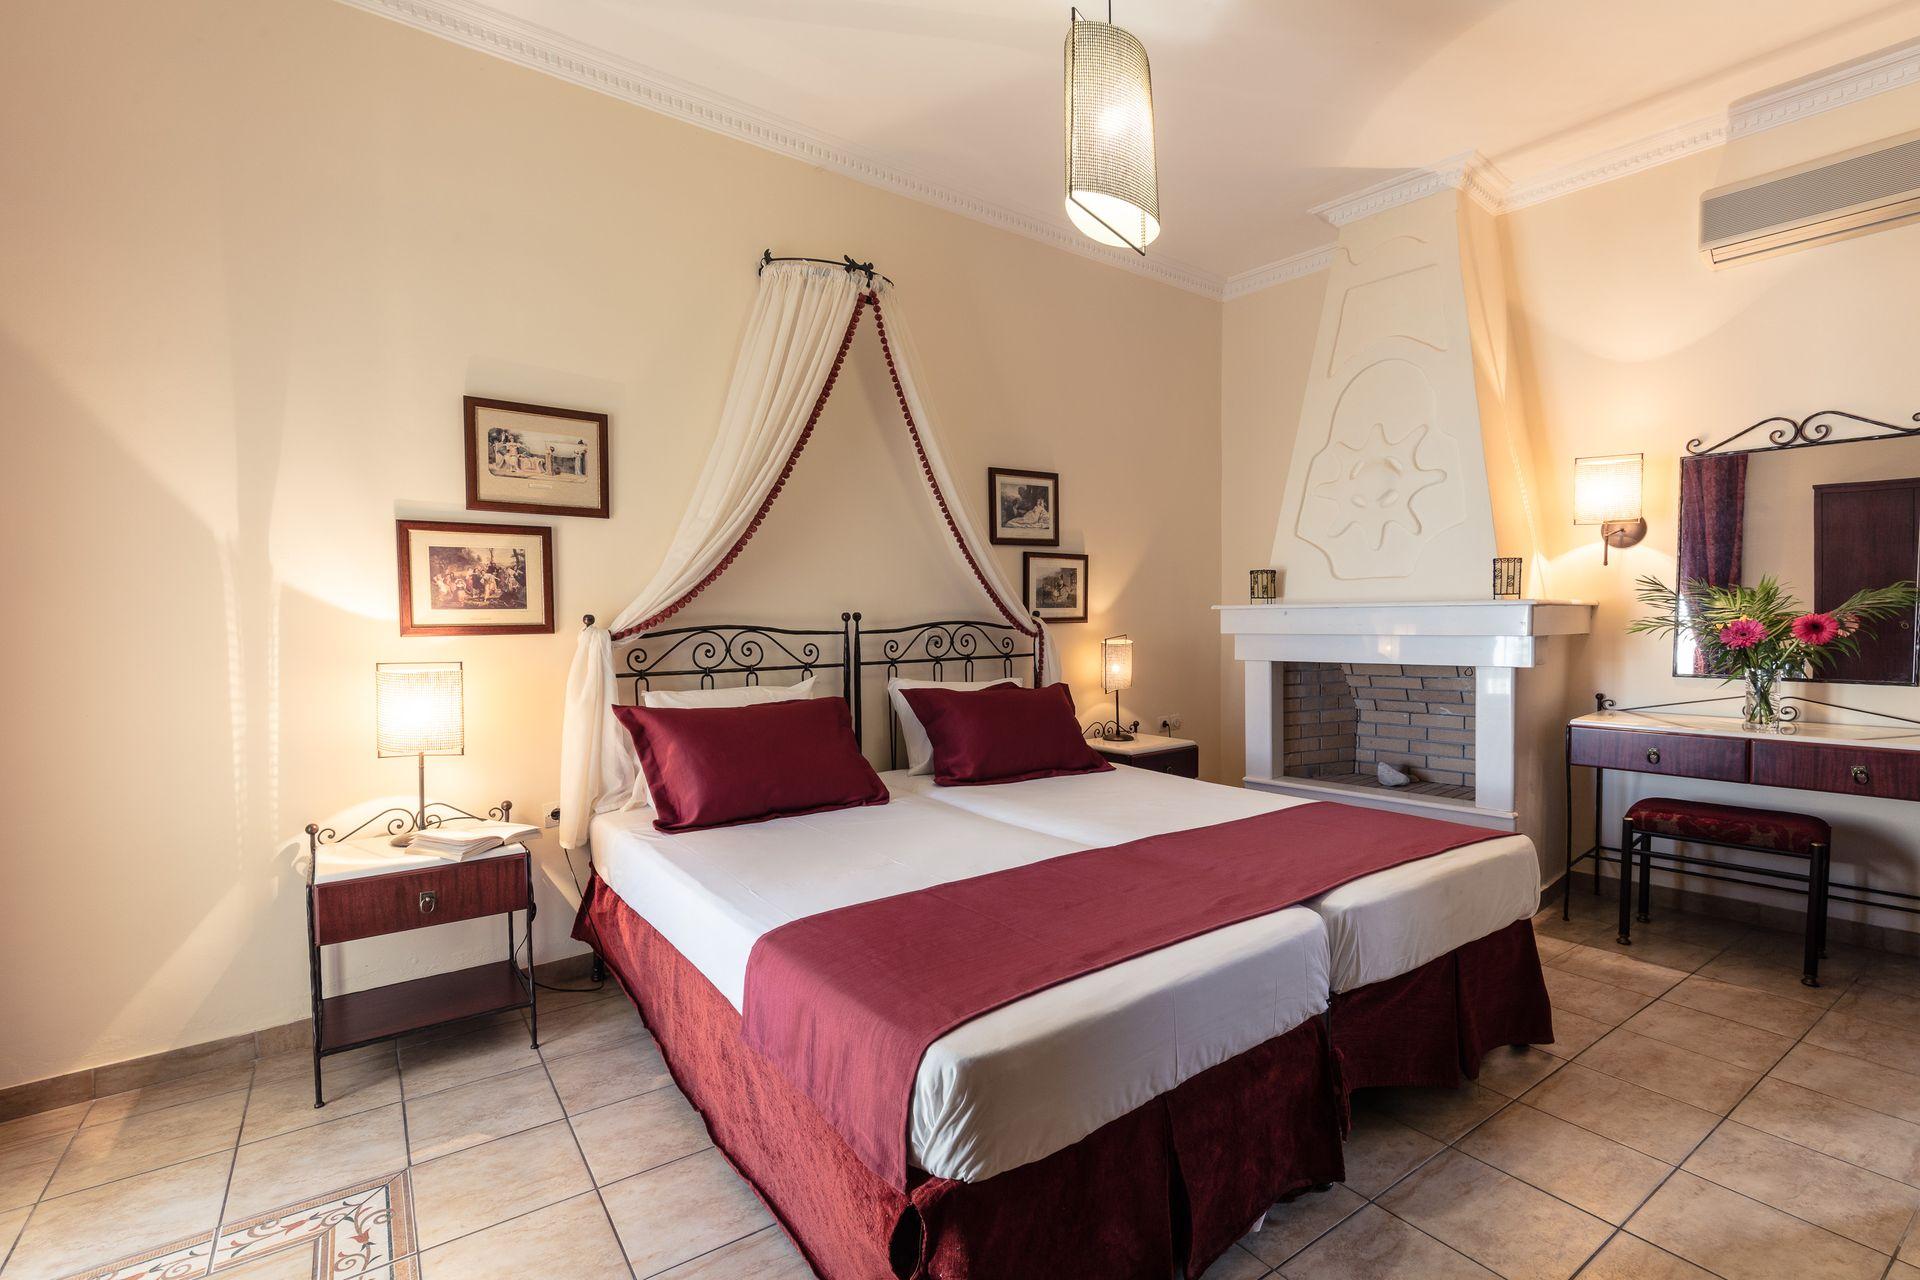 Agistri Hotel - Αγκίστρι ✦ 4 Ημέρες (3 Διανυκτερεύσεις)